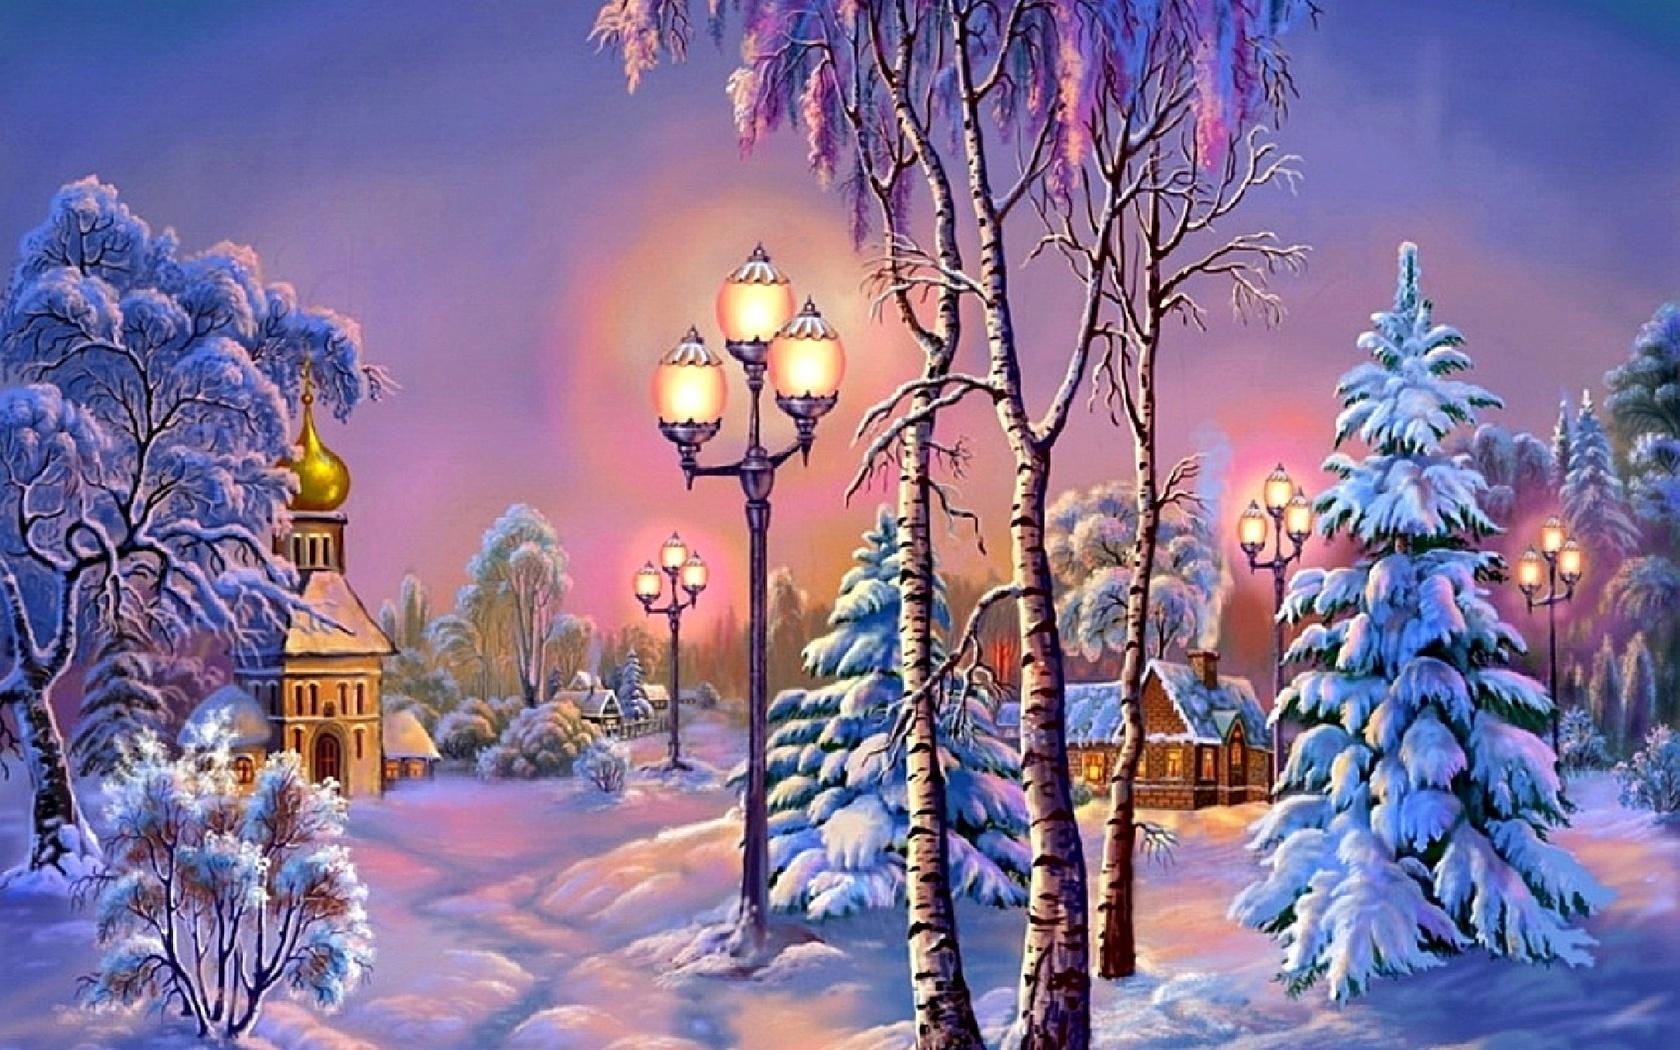 Картинки анимация зимняя, болей стихах